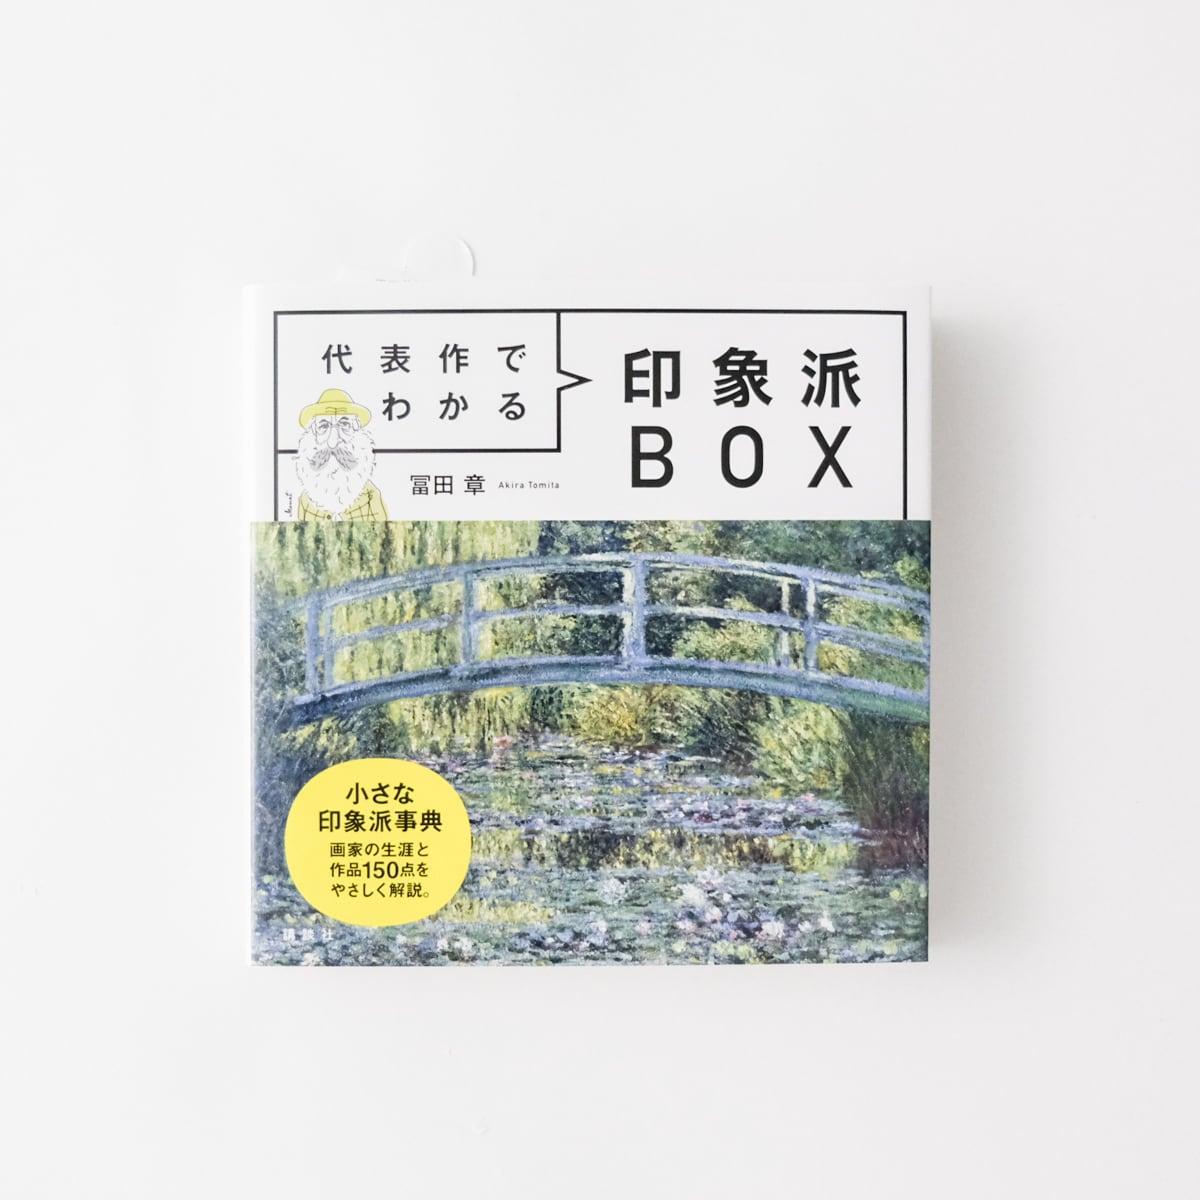 書籍「代表作でわかる印象派BOX」